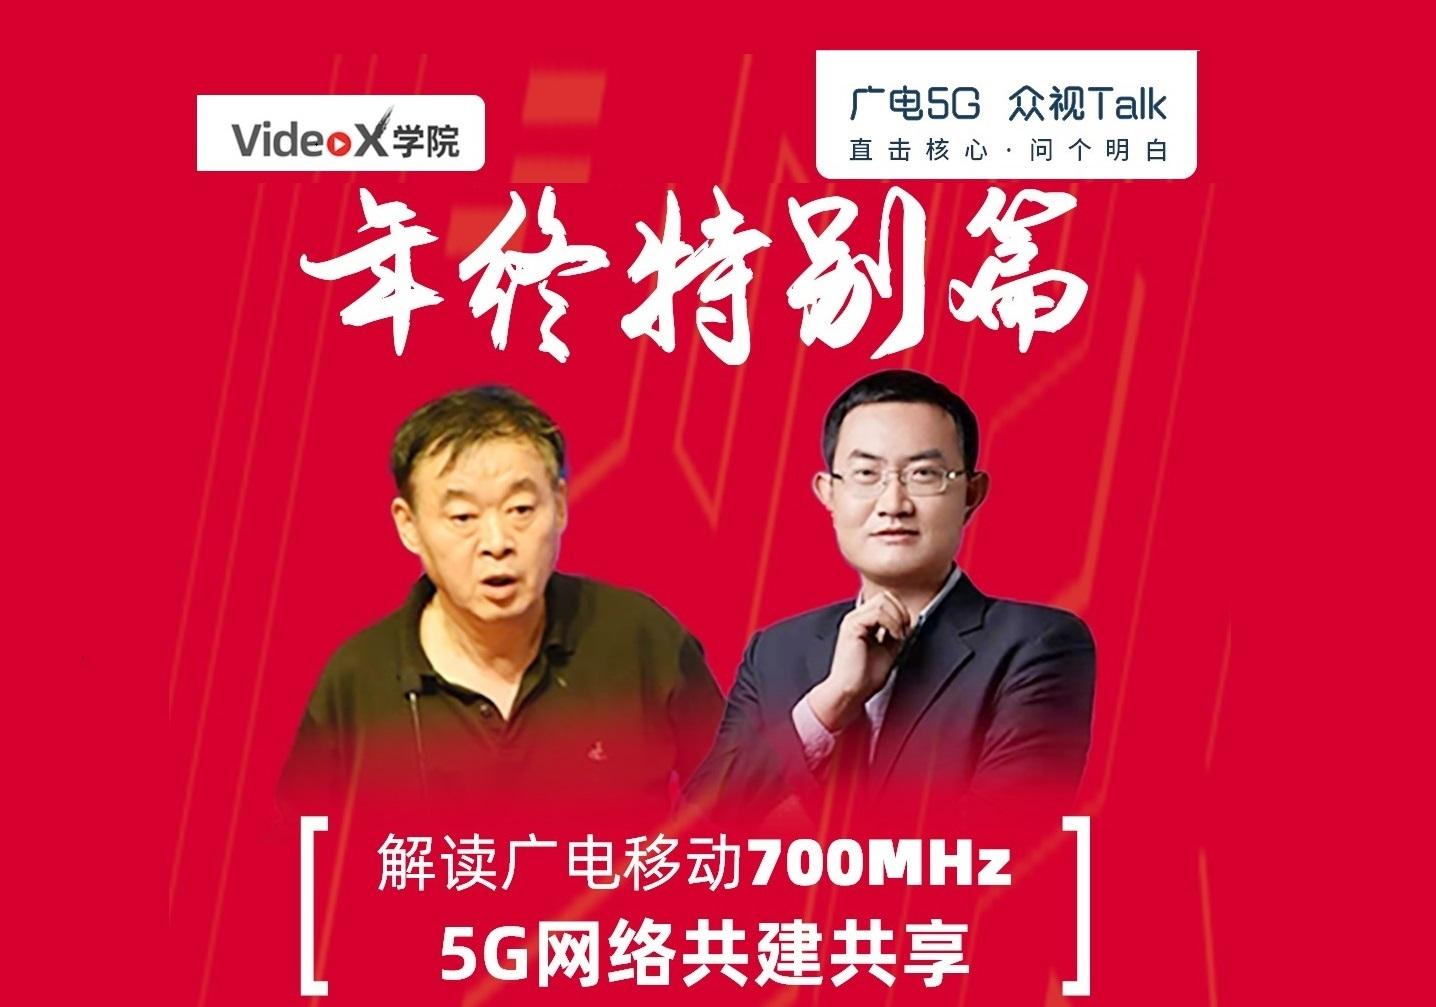 独家专访|业内大咖十答中国广电和中国移动合作要点